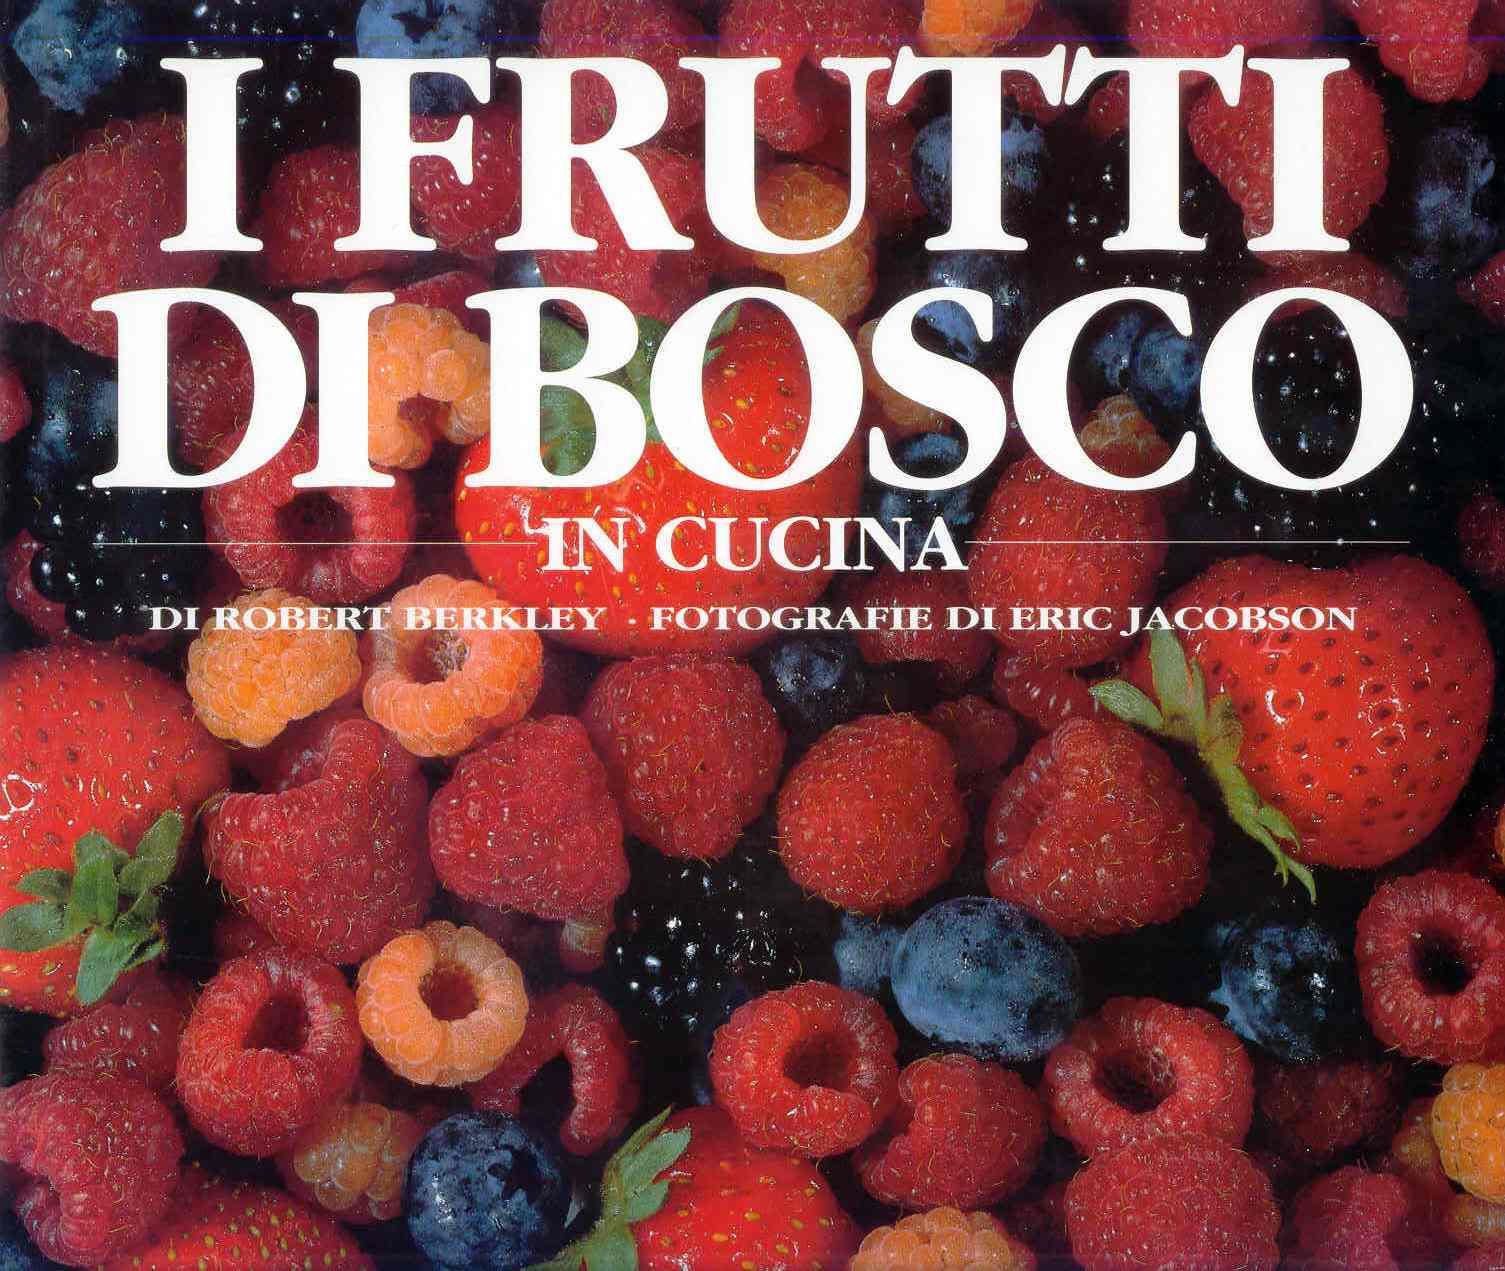 I frutti di bosco in cucina